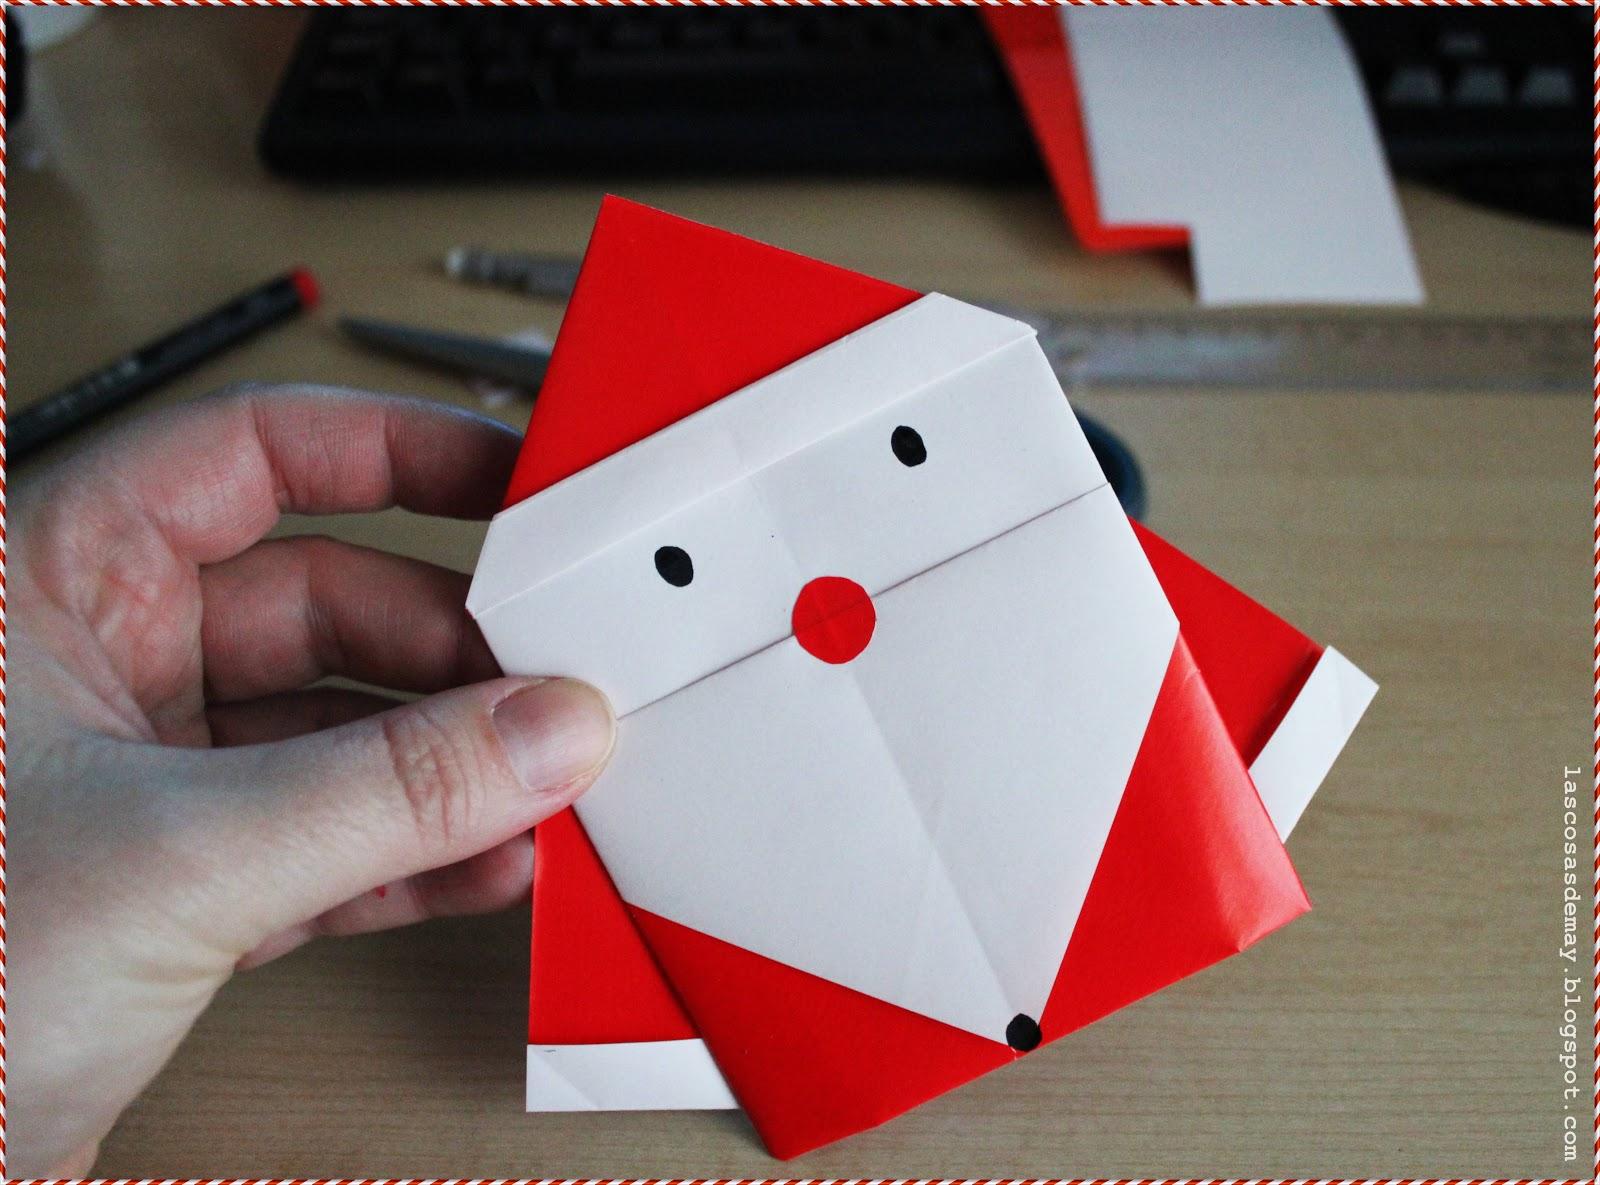 Las Cosas De May Diy Manualidades Un Papa Noel De Papel Origami - Origami-papa-noel